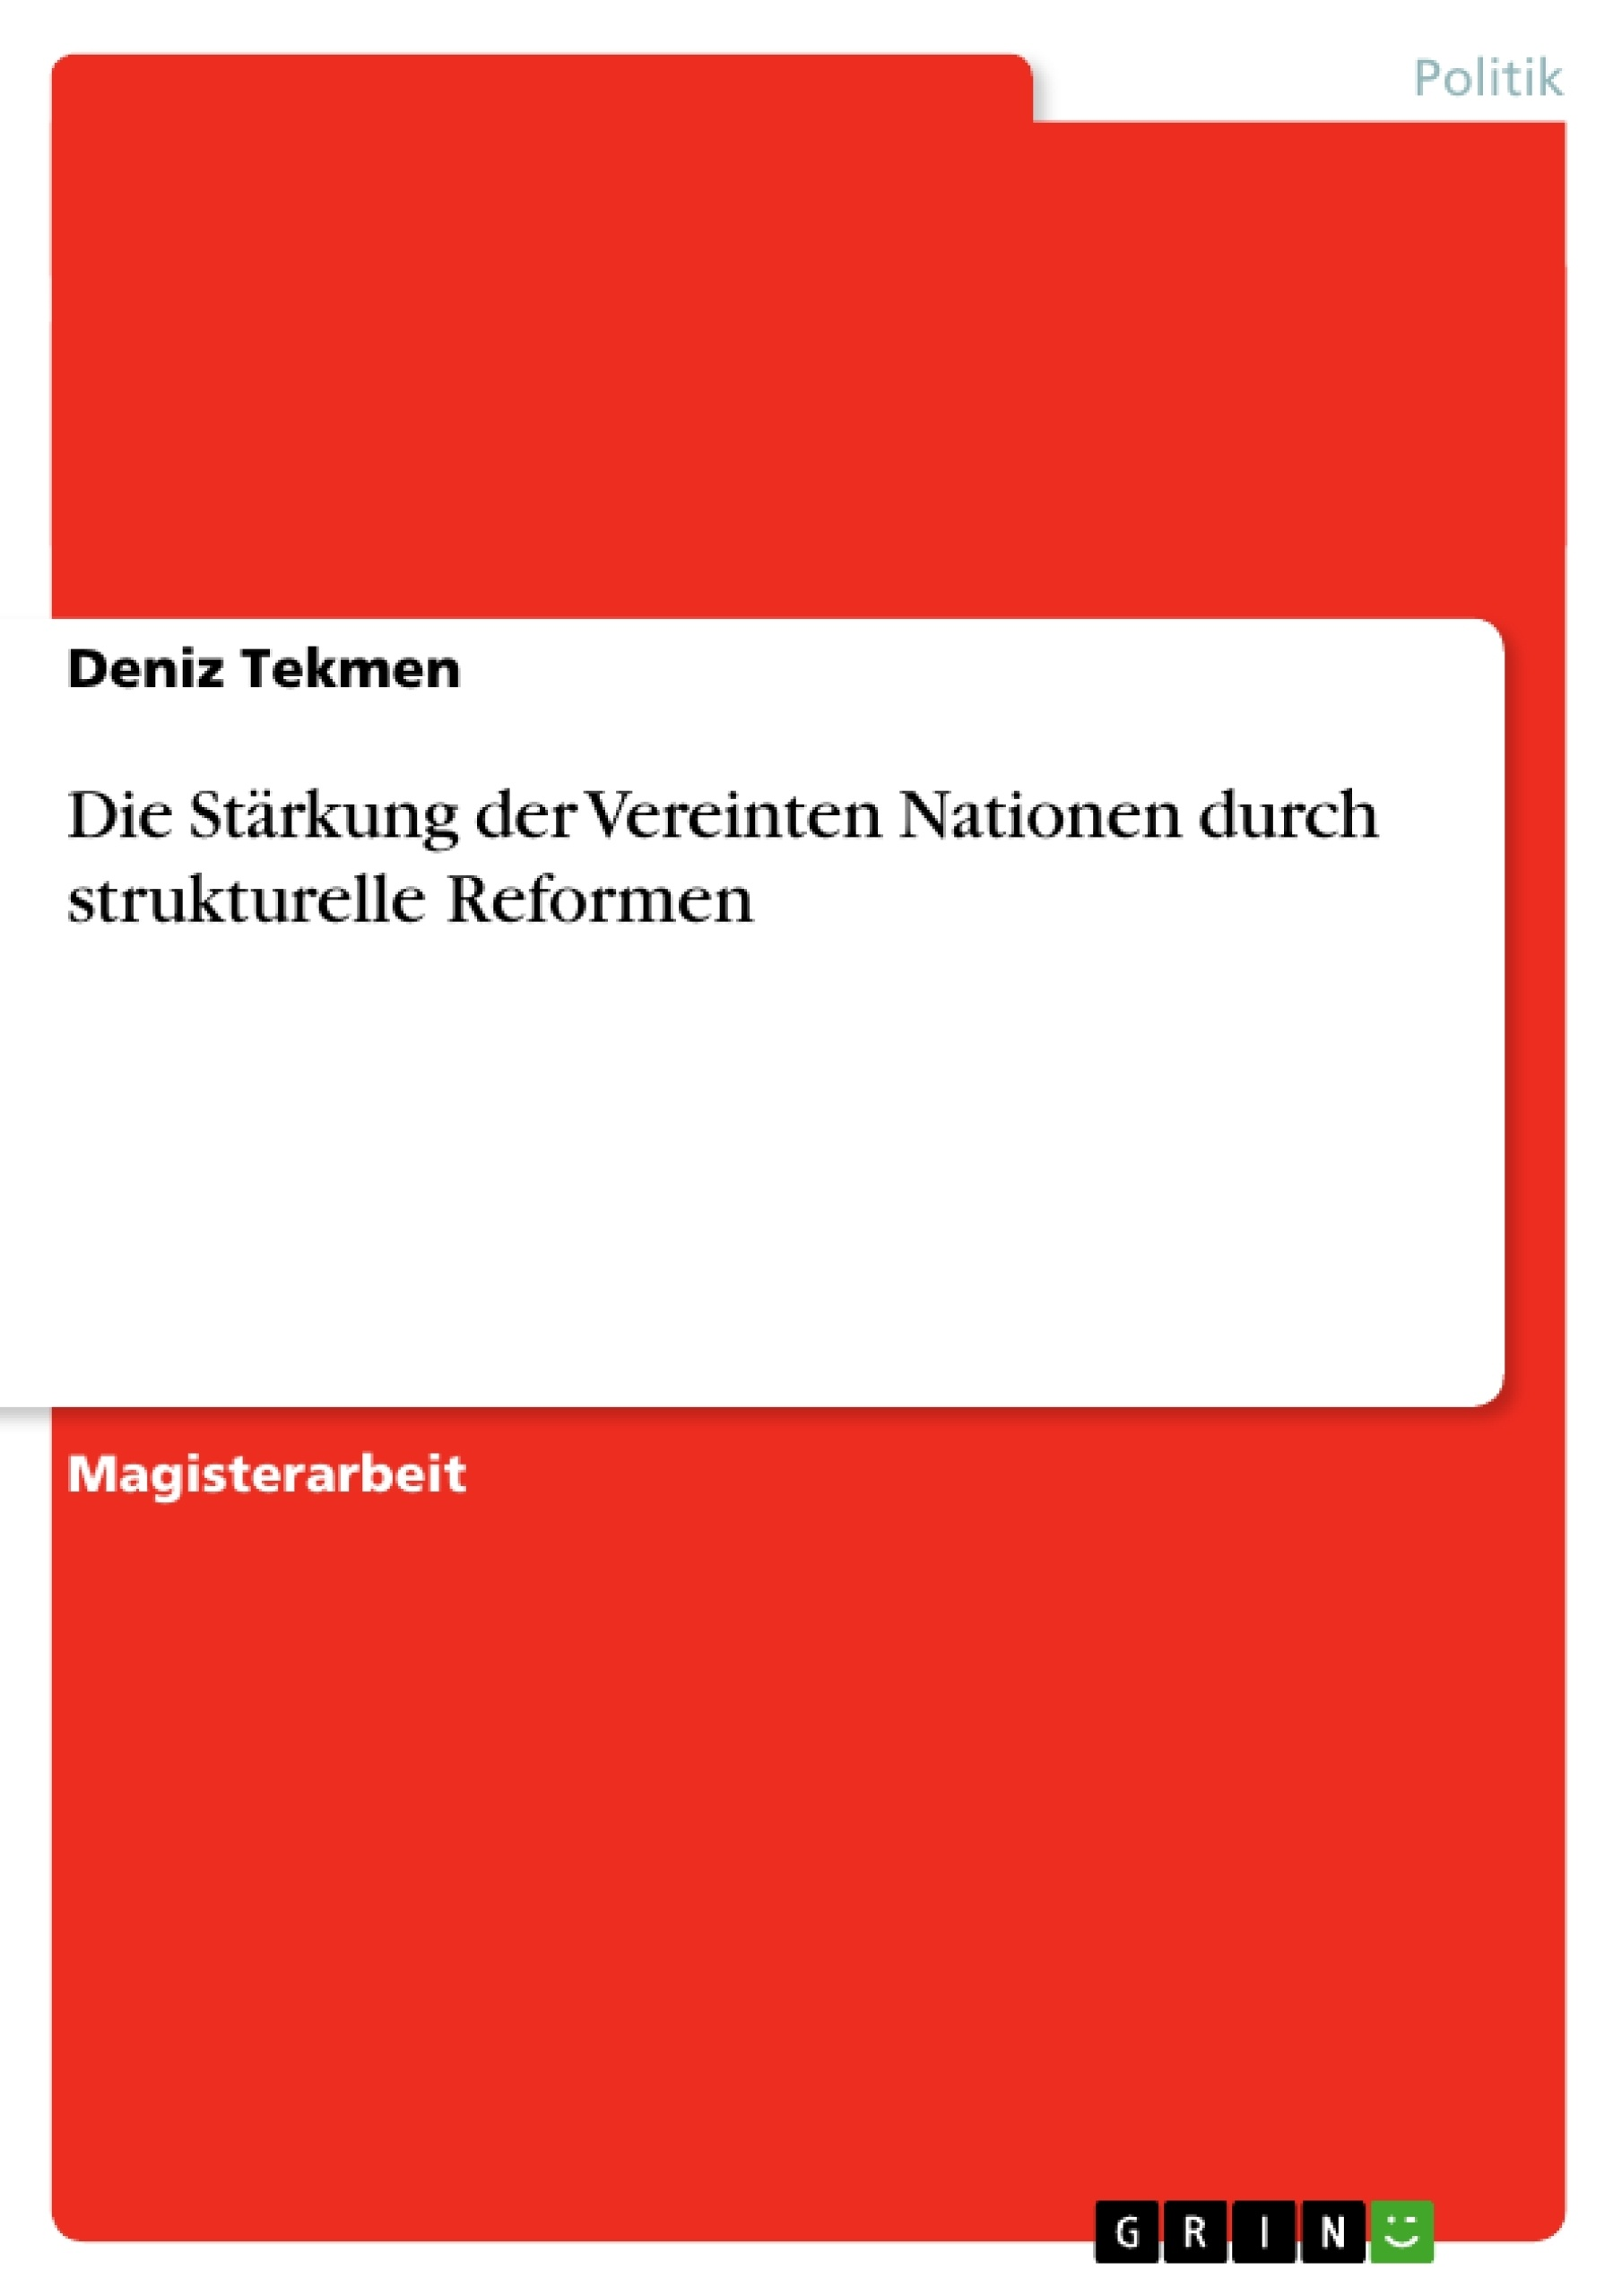 Titel: Die Stärkung der Vereinten Nationen durch strukturelle Reformen